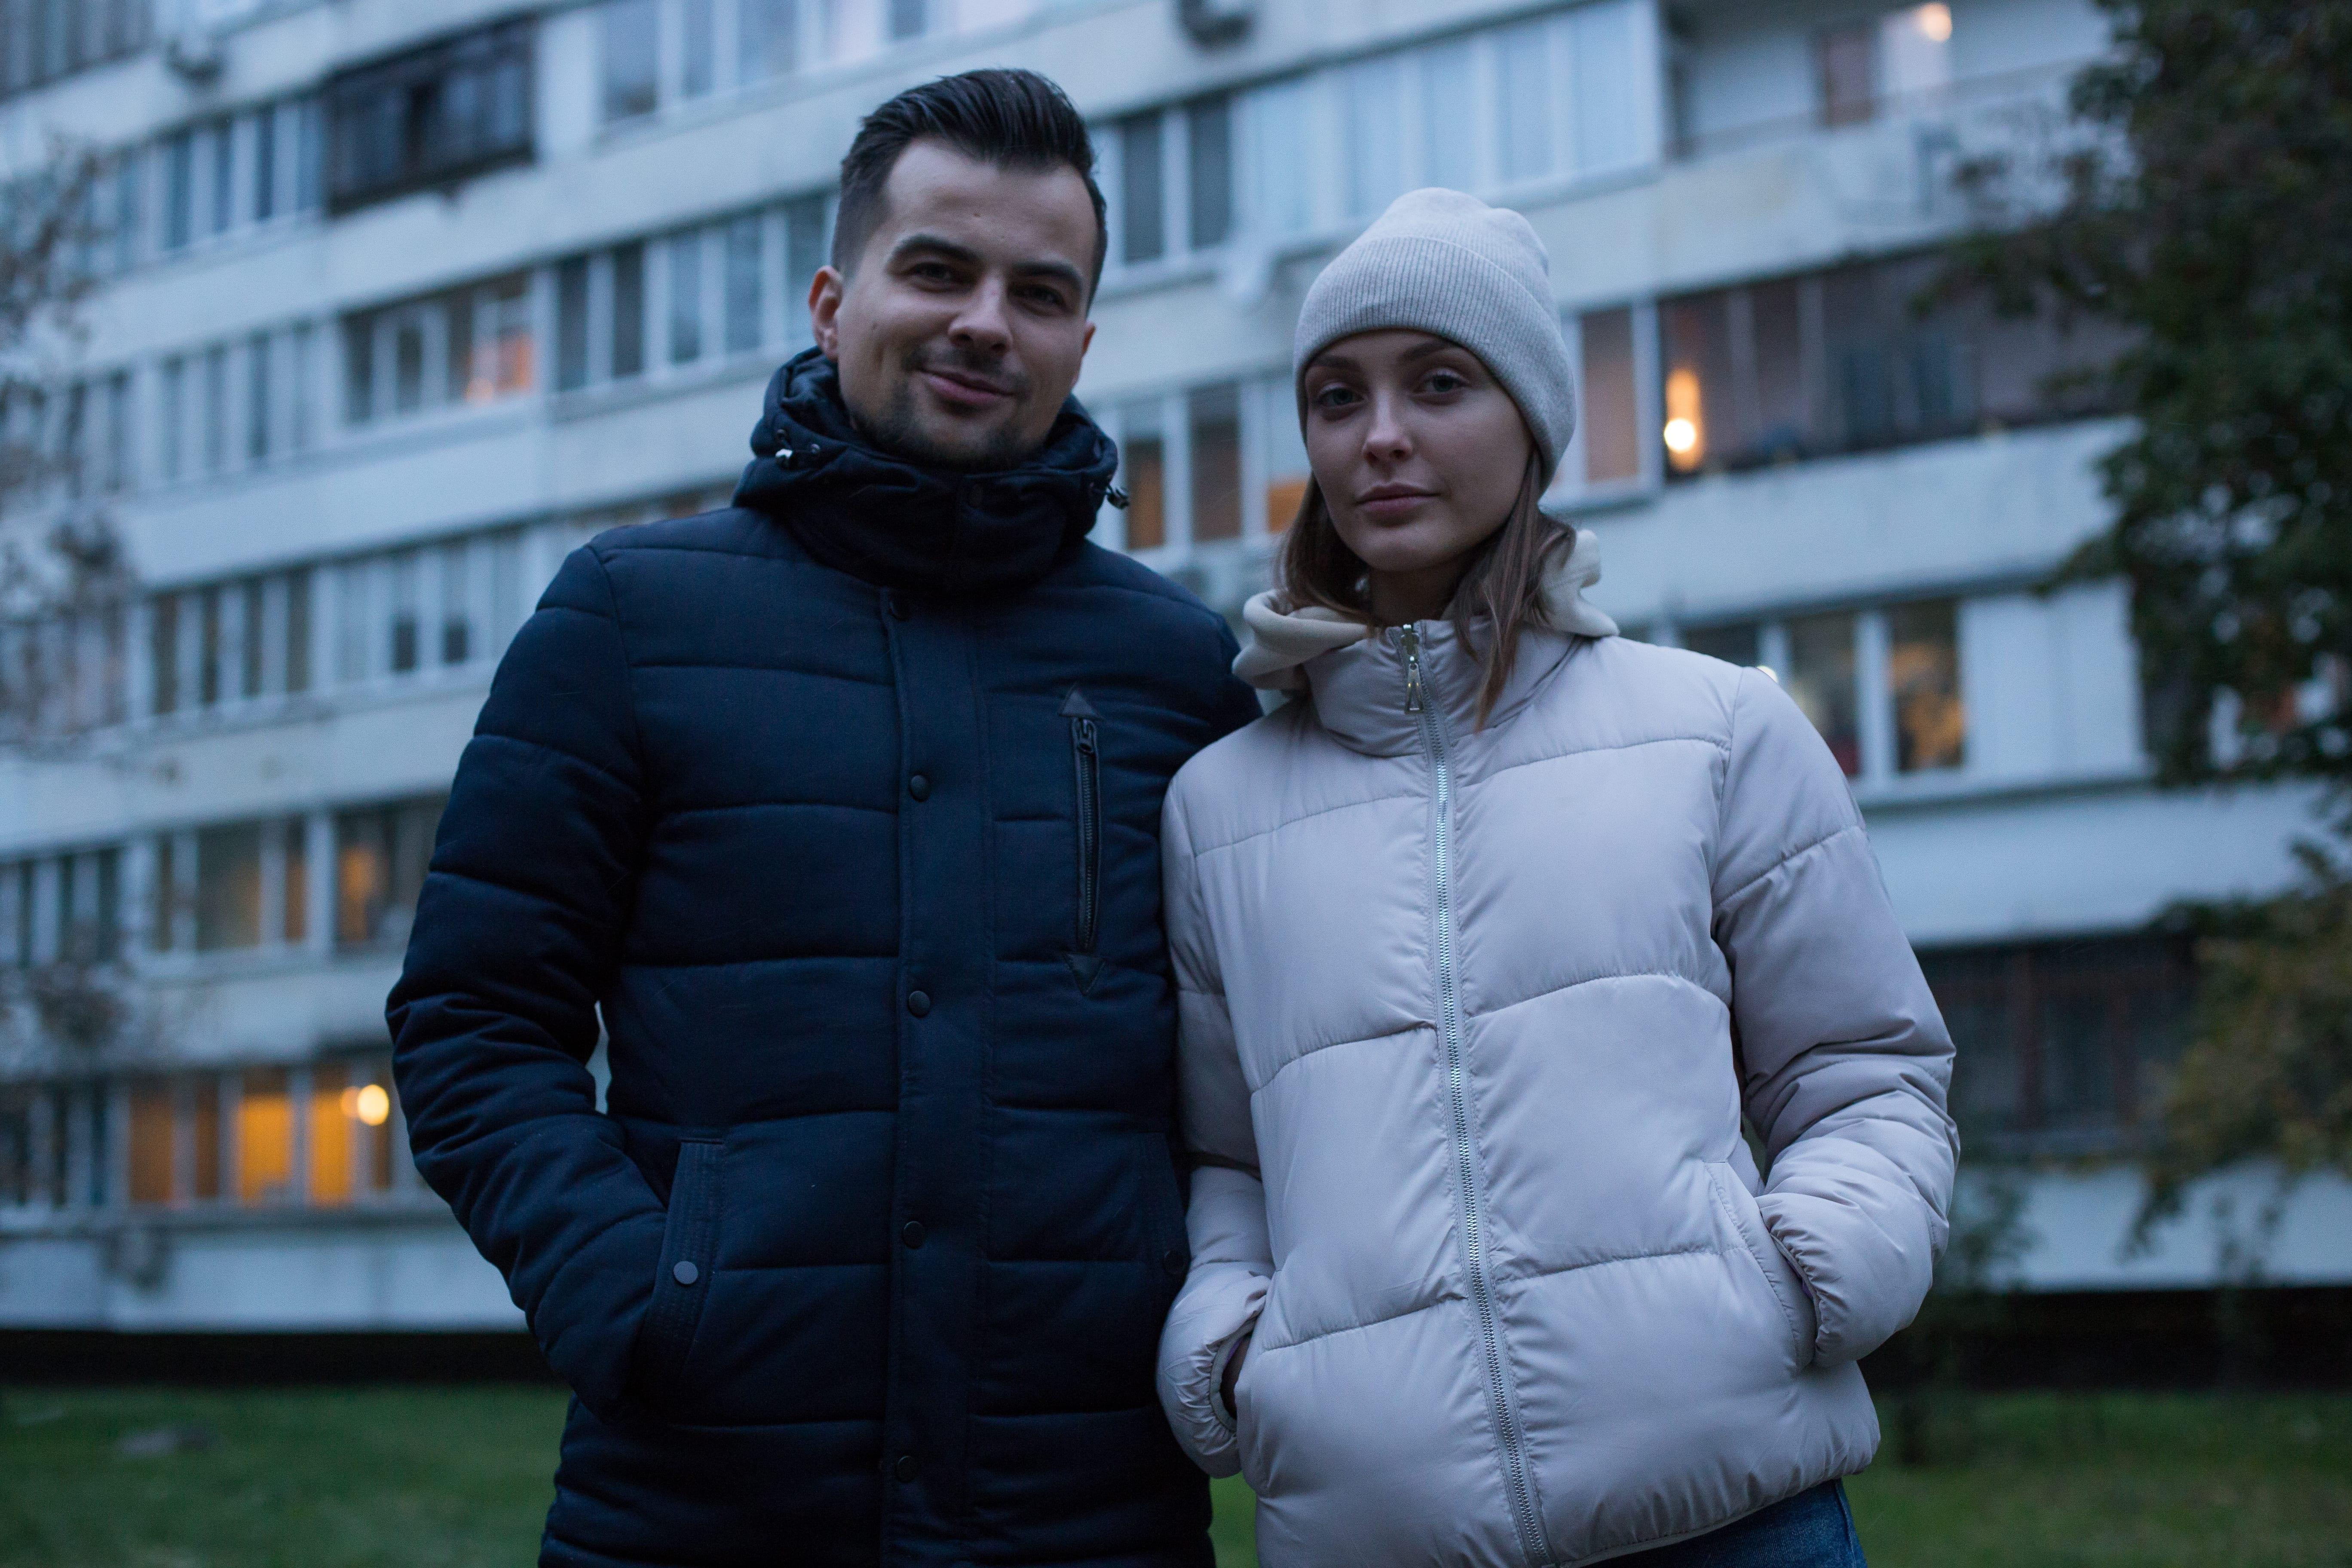 img 0181 - <b>Сім кіл пекла.</b> Чому білоруські мігранти не можуть оселитися в Україні й до чого тут міграційна служба - Заборона